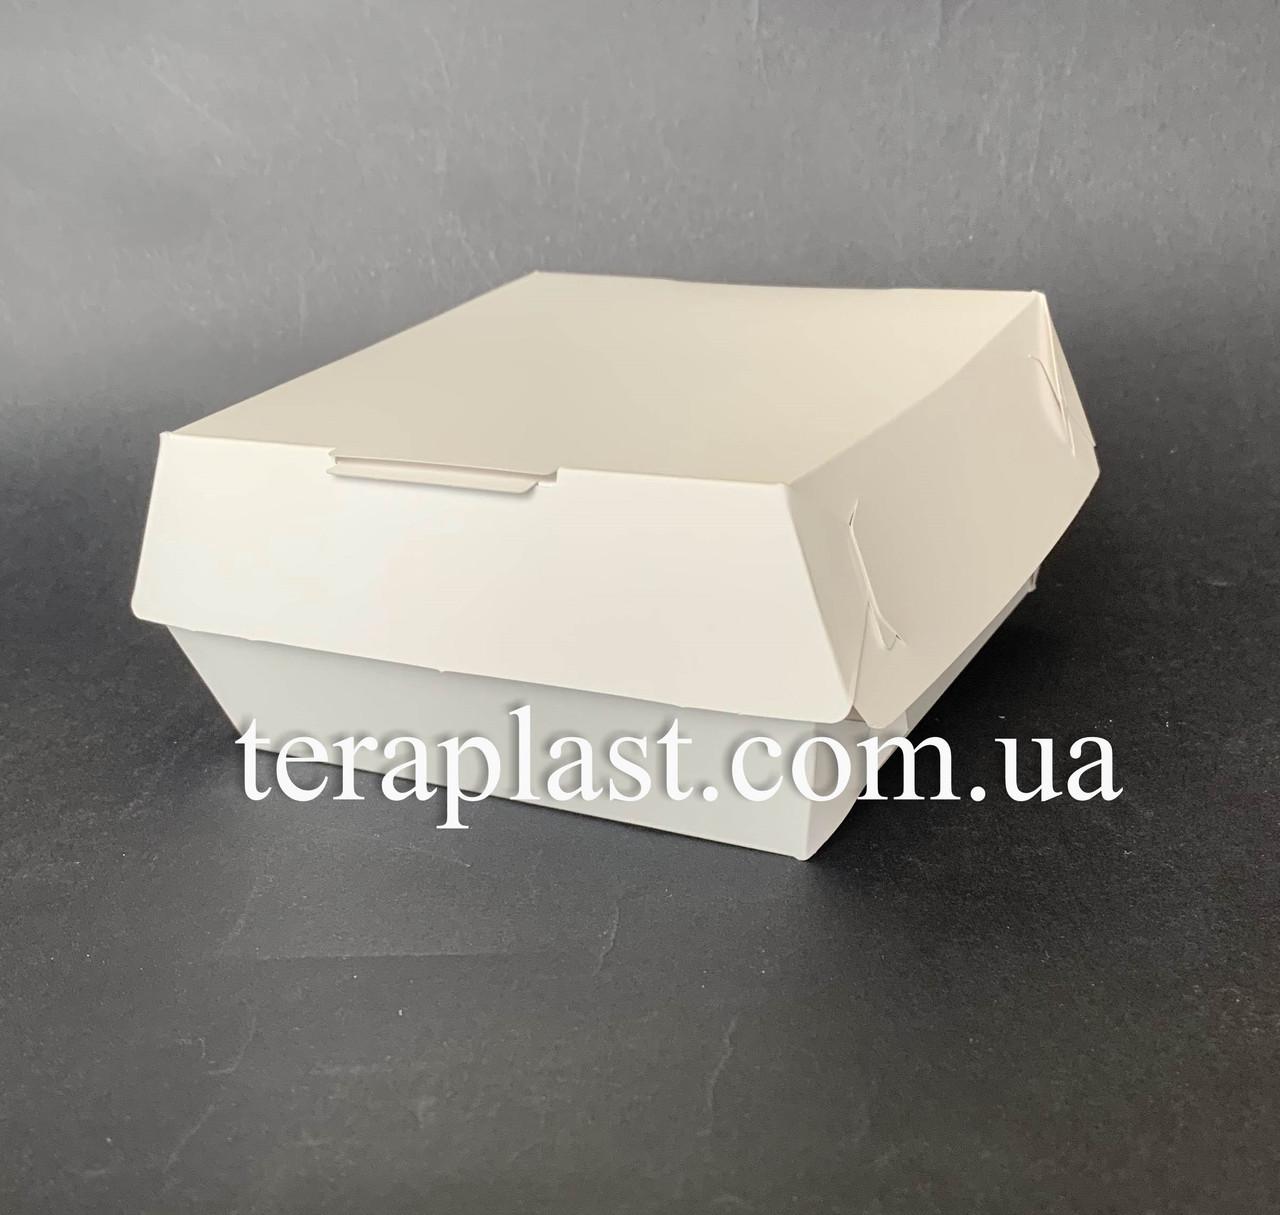 """Коробка для бургеров, сендвичей """"Миди"""" 110х110х65 мм (Белая)"""